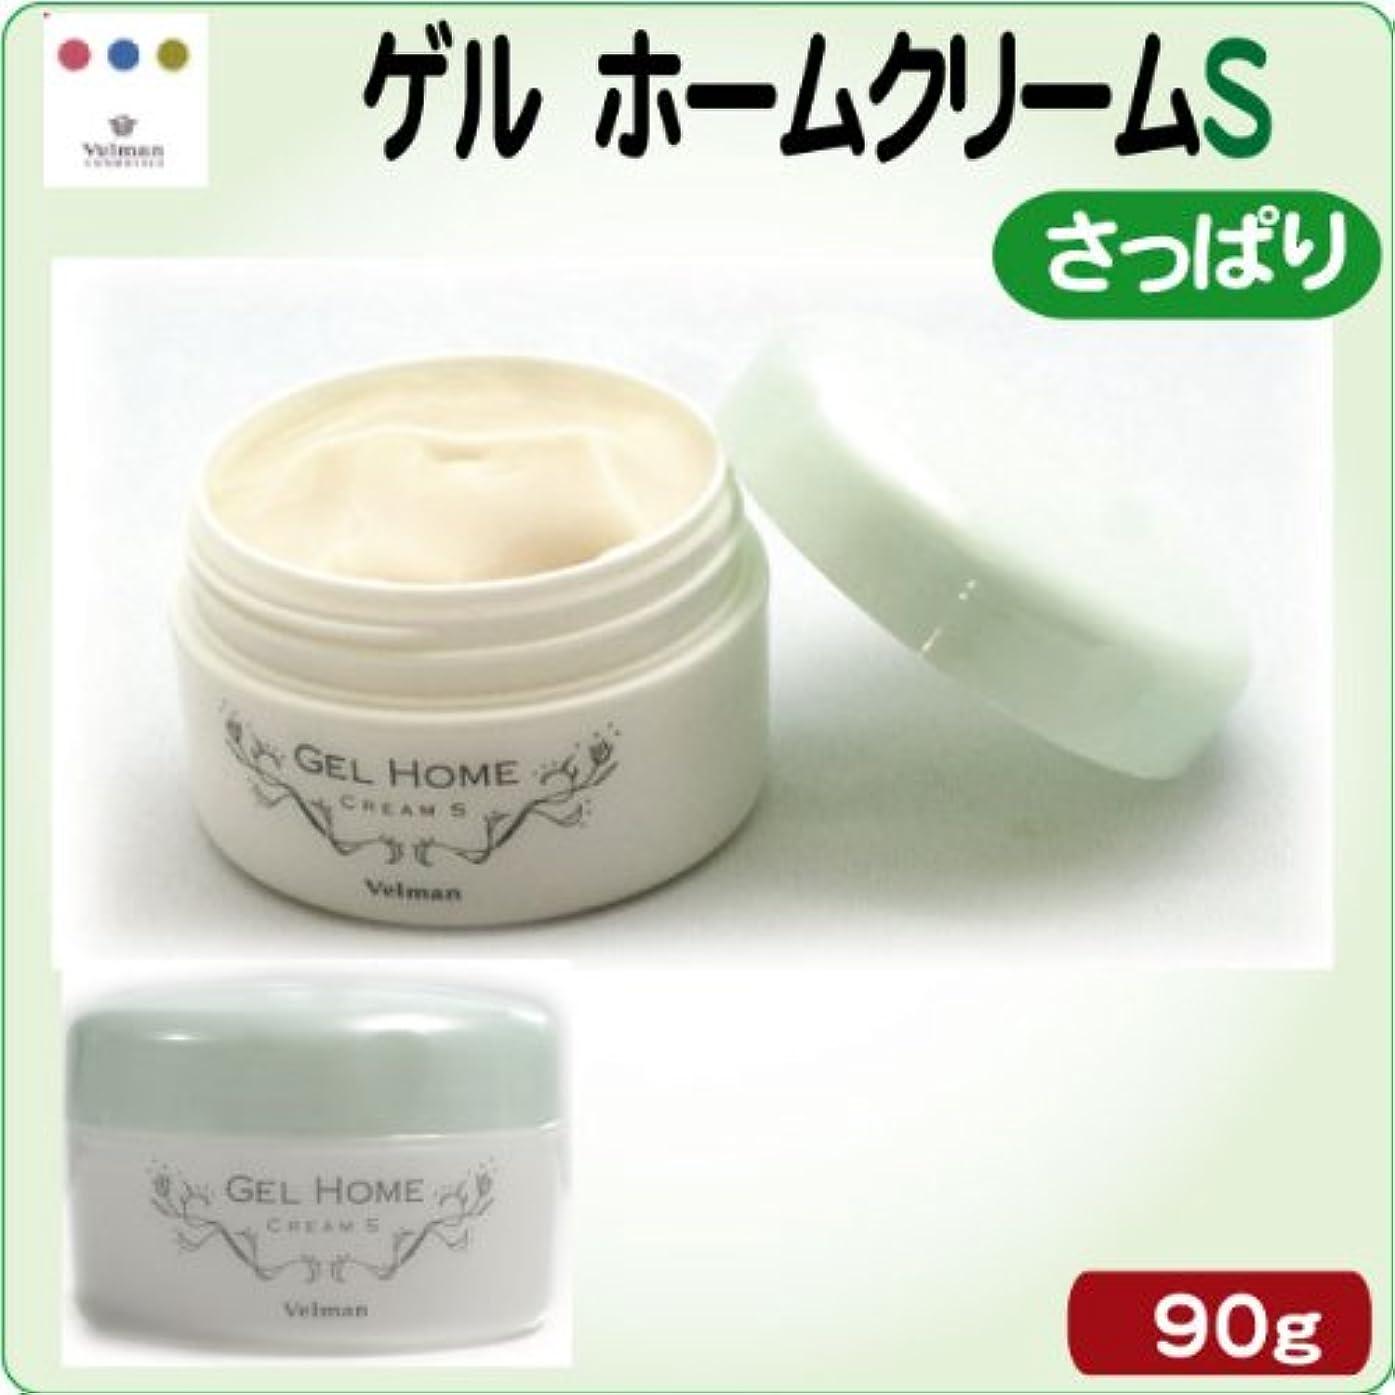 スカウト記念日状態ベルマン化粧品 NONLOOSE ゲルホームクリームS 【さっぱりタイプ】 90g